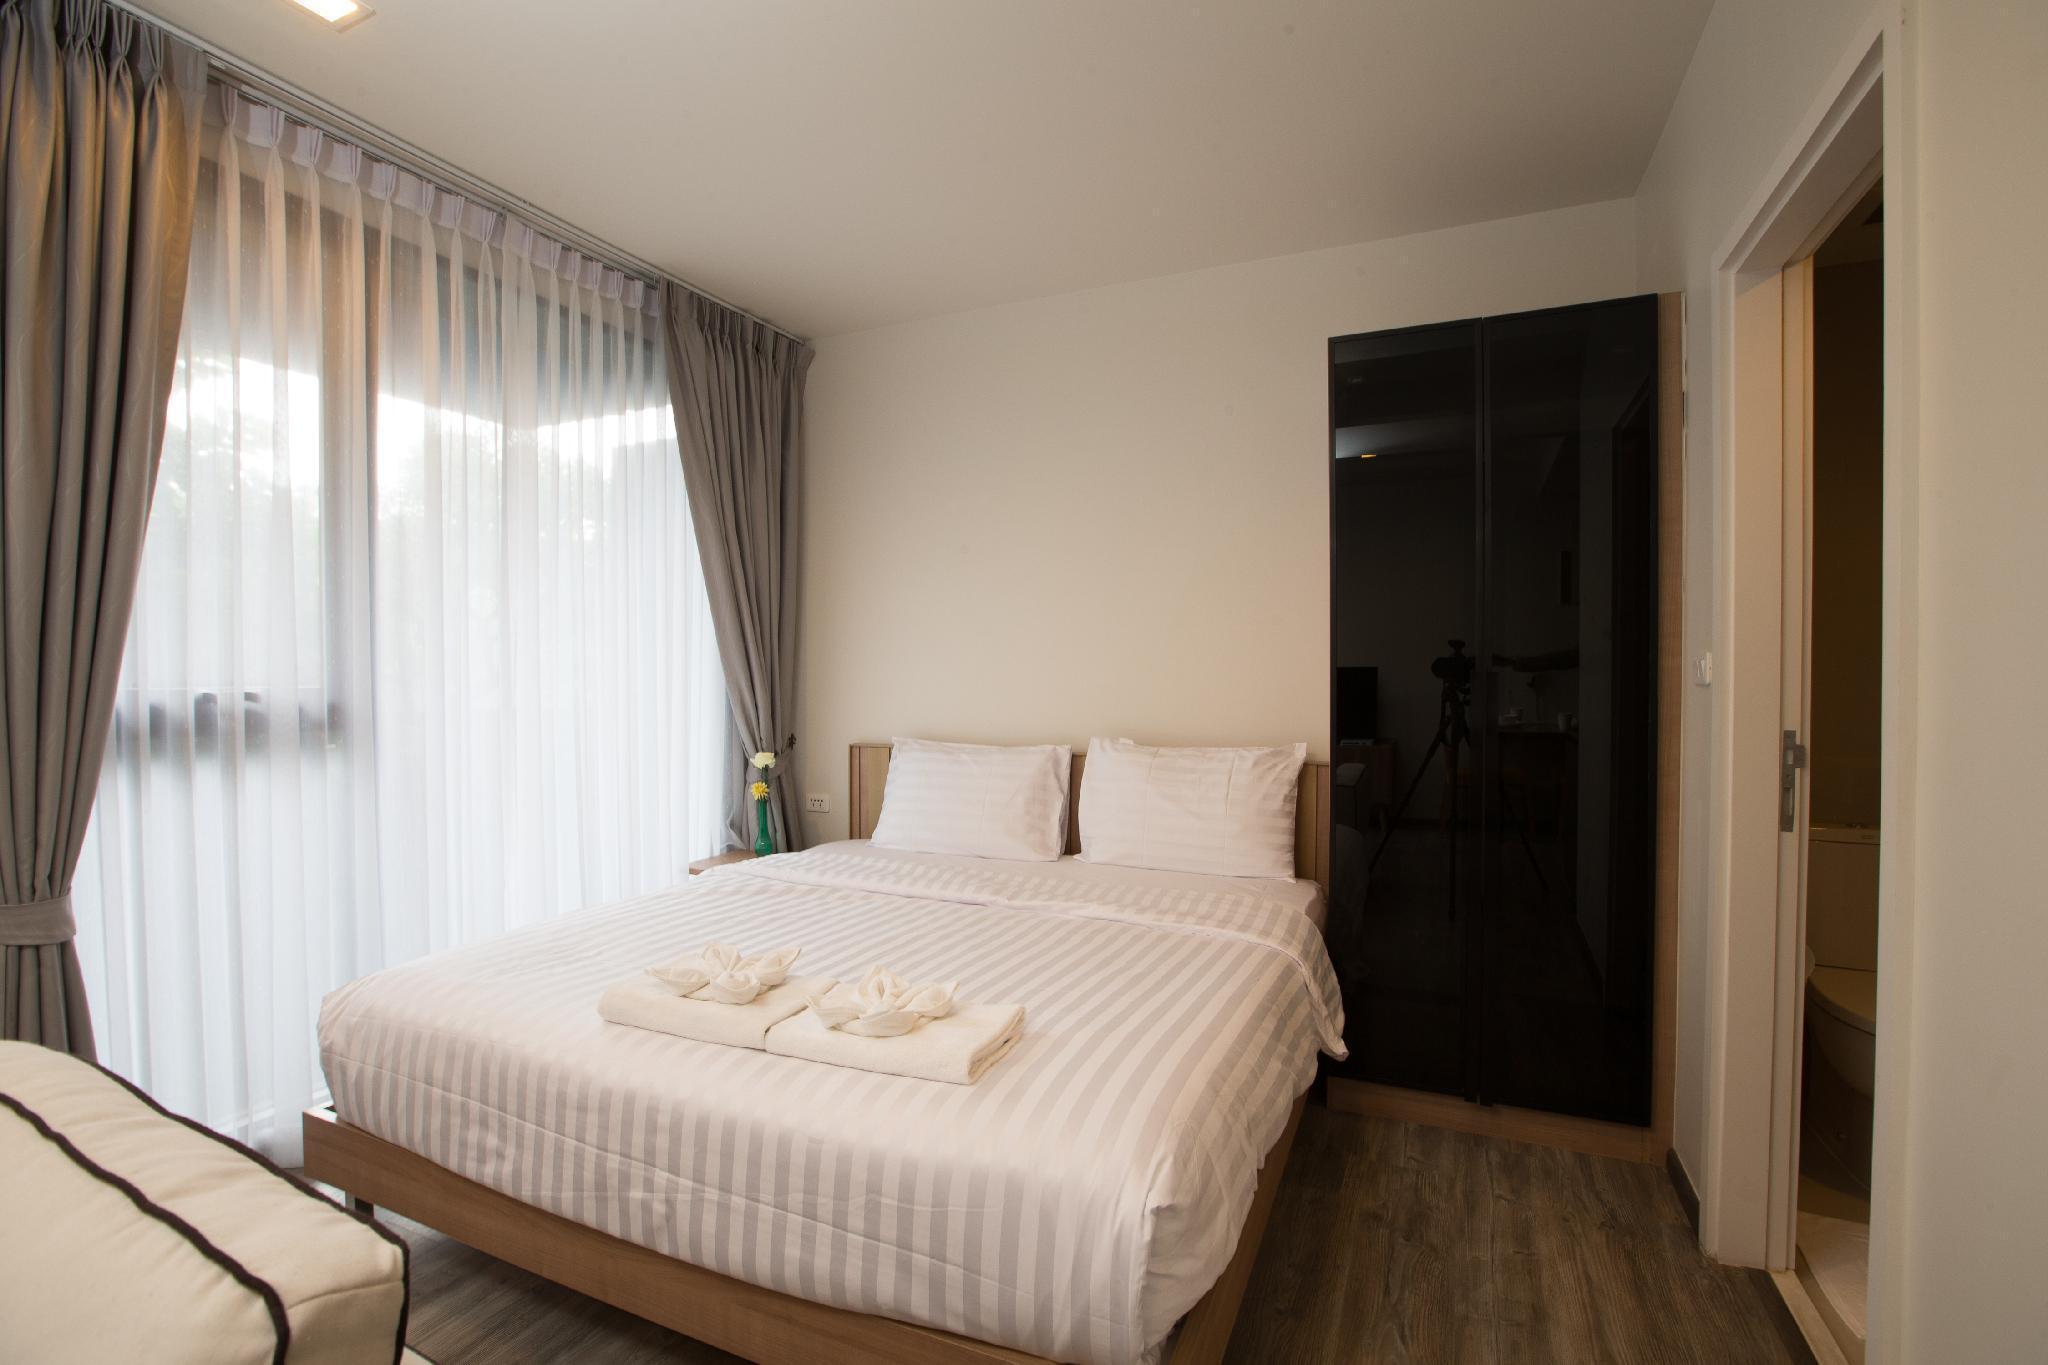 JS59东奢华公寓*无边泳池*酒吧街* 静舍之普吉  Patong 1BR Apartment อพาร์ตเมนต์ 1 ห้องนอน 1 ห้องน้ำส่วนตัว ขนาด 35 ตร.ม. – ป่าตอง